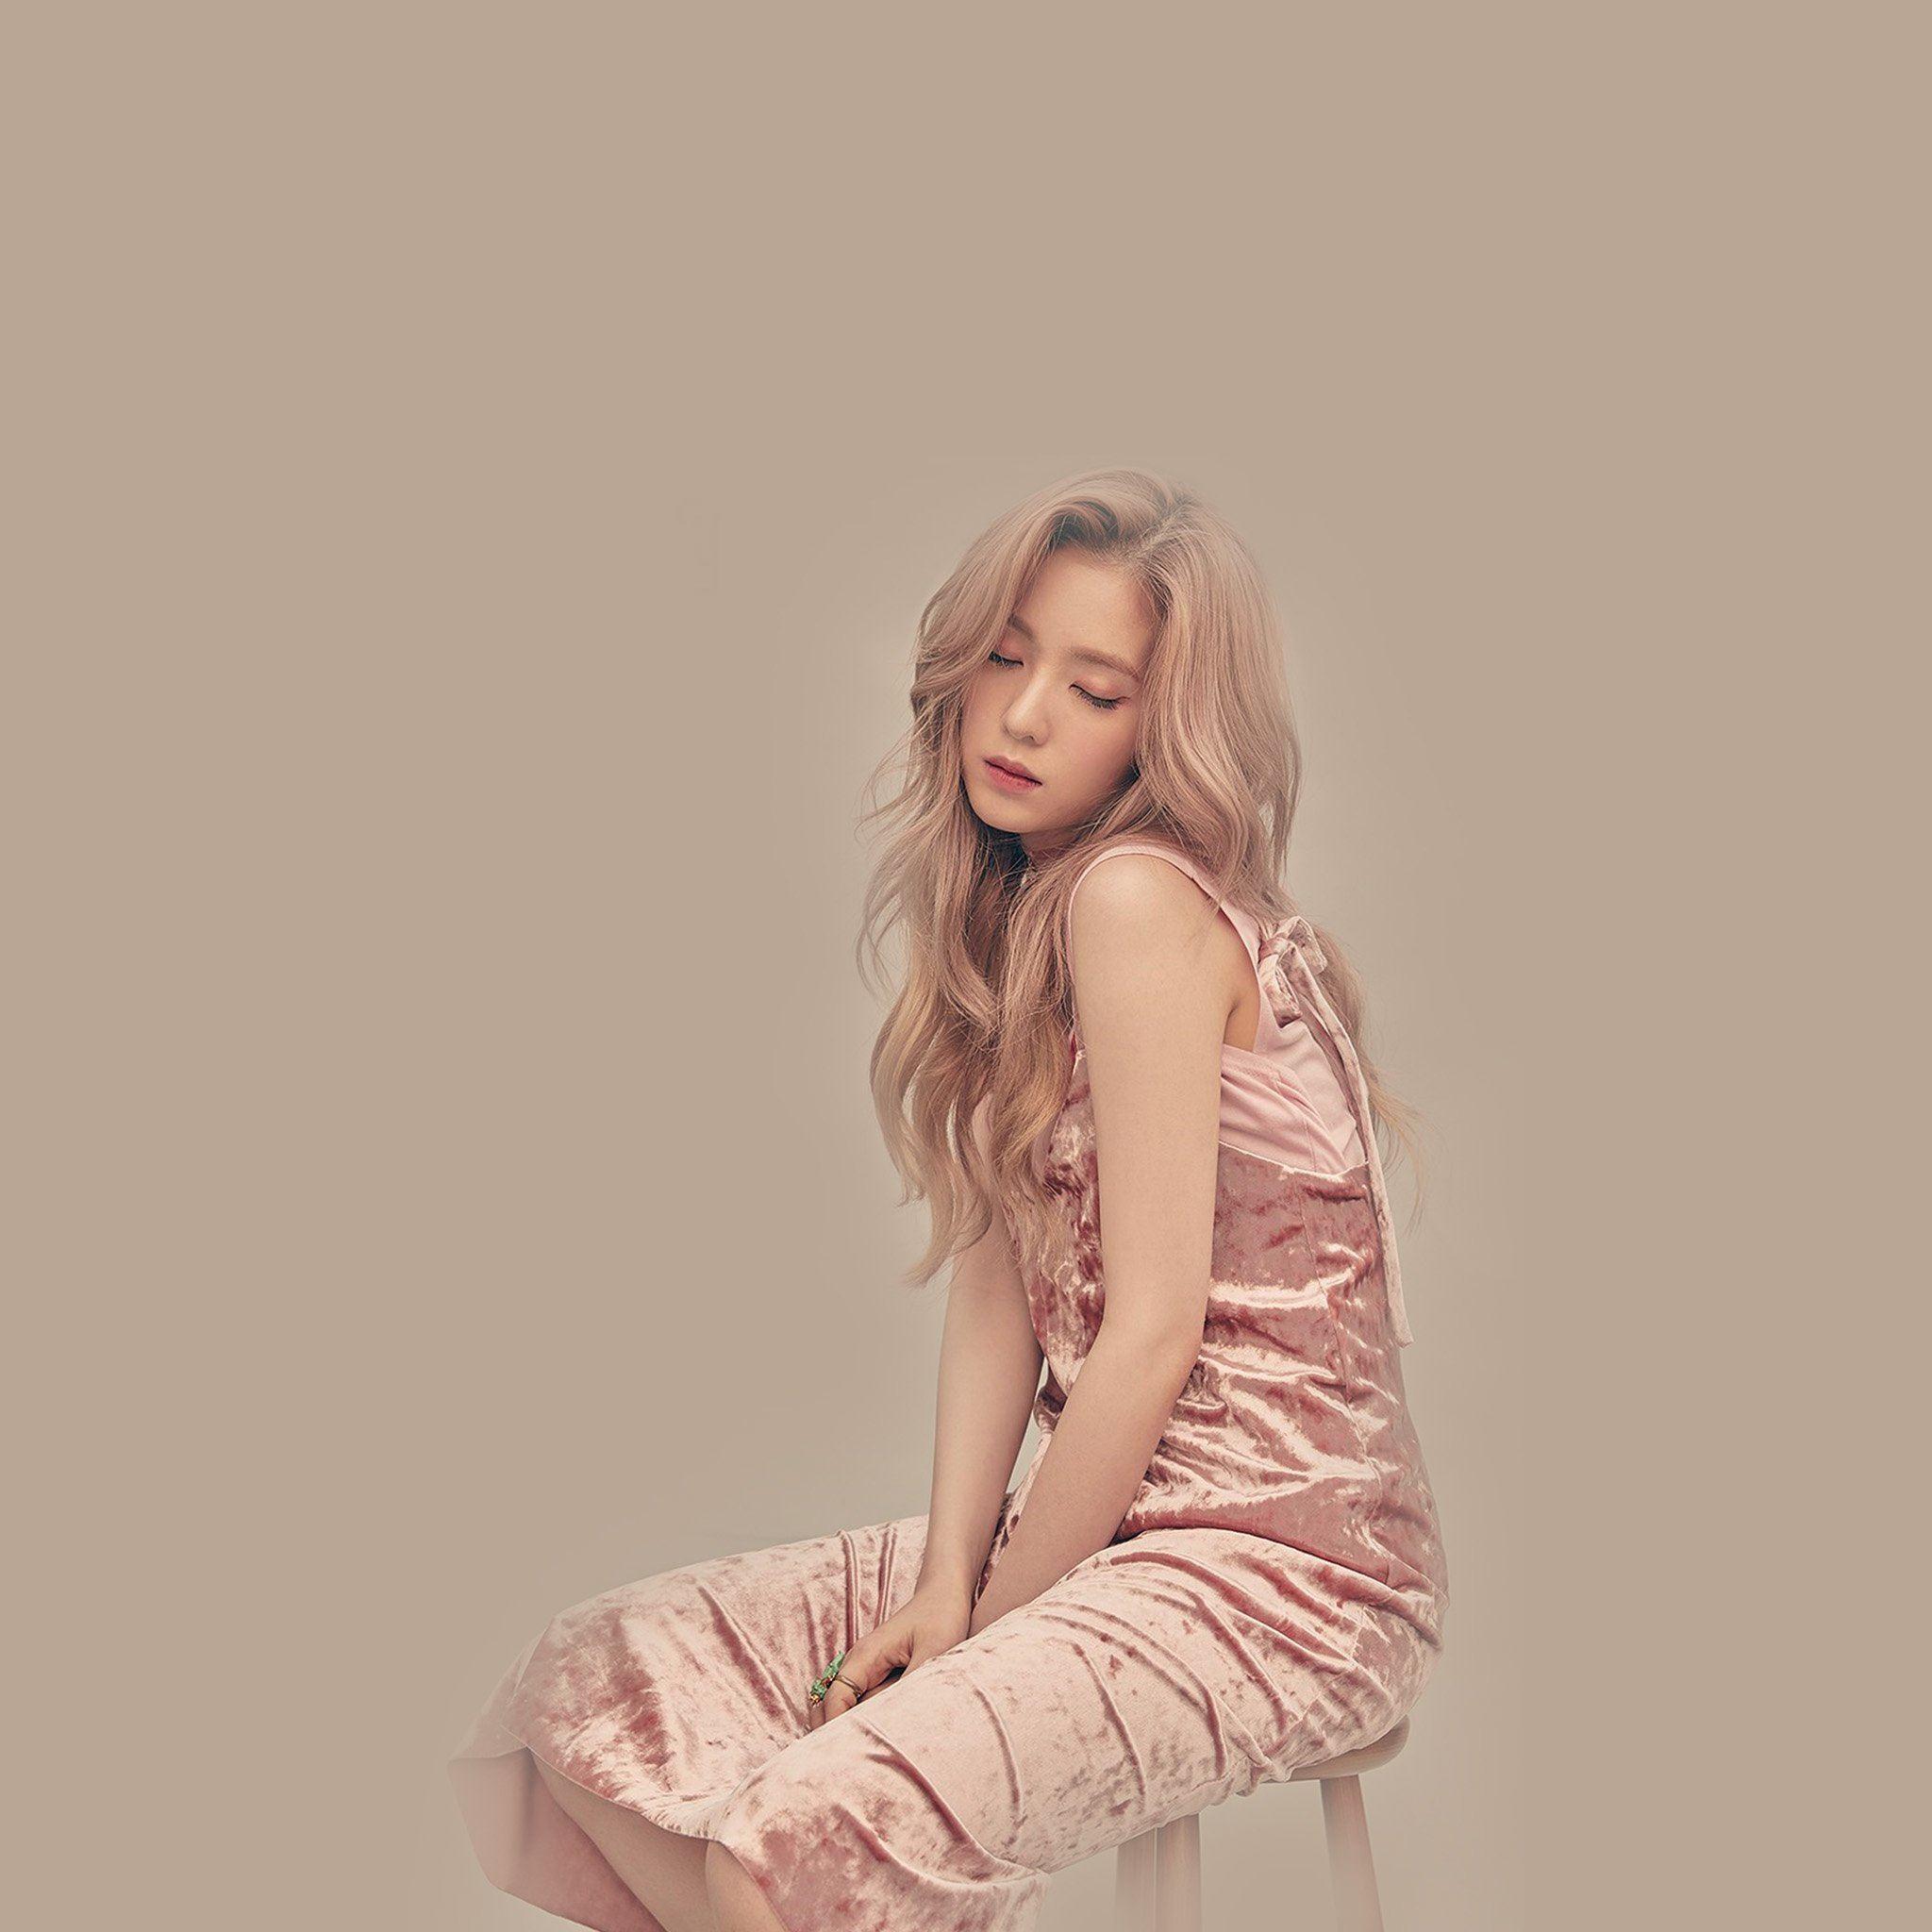 Irene Kpop Redvelvet Pink Girl Ipad Air Wallpapers Free Download